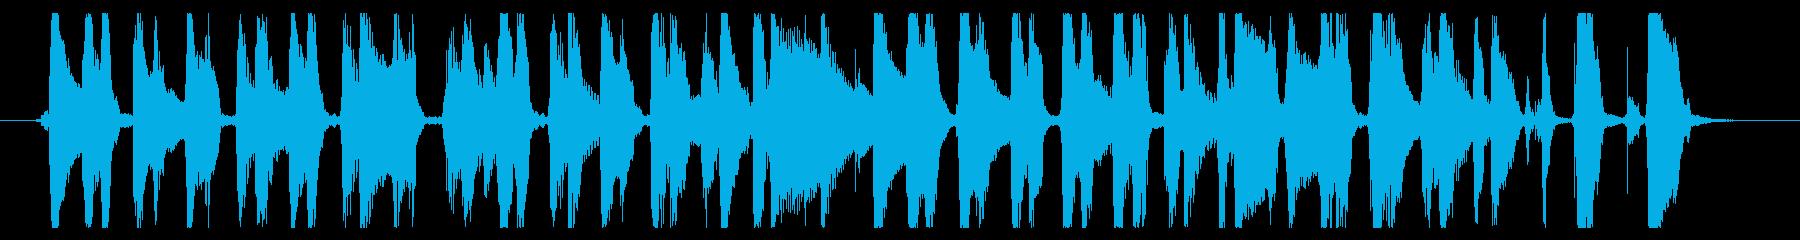 リコーダーとウクレレの生演奏のハワイアンの再生済みの波形